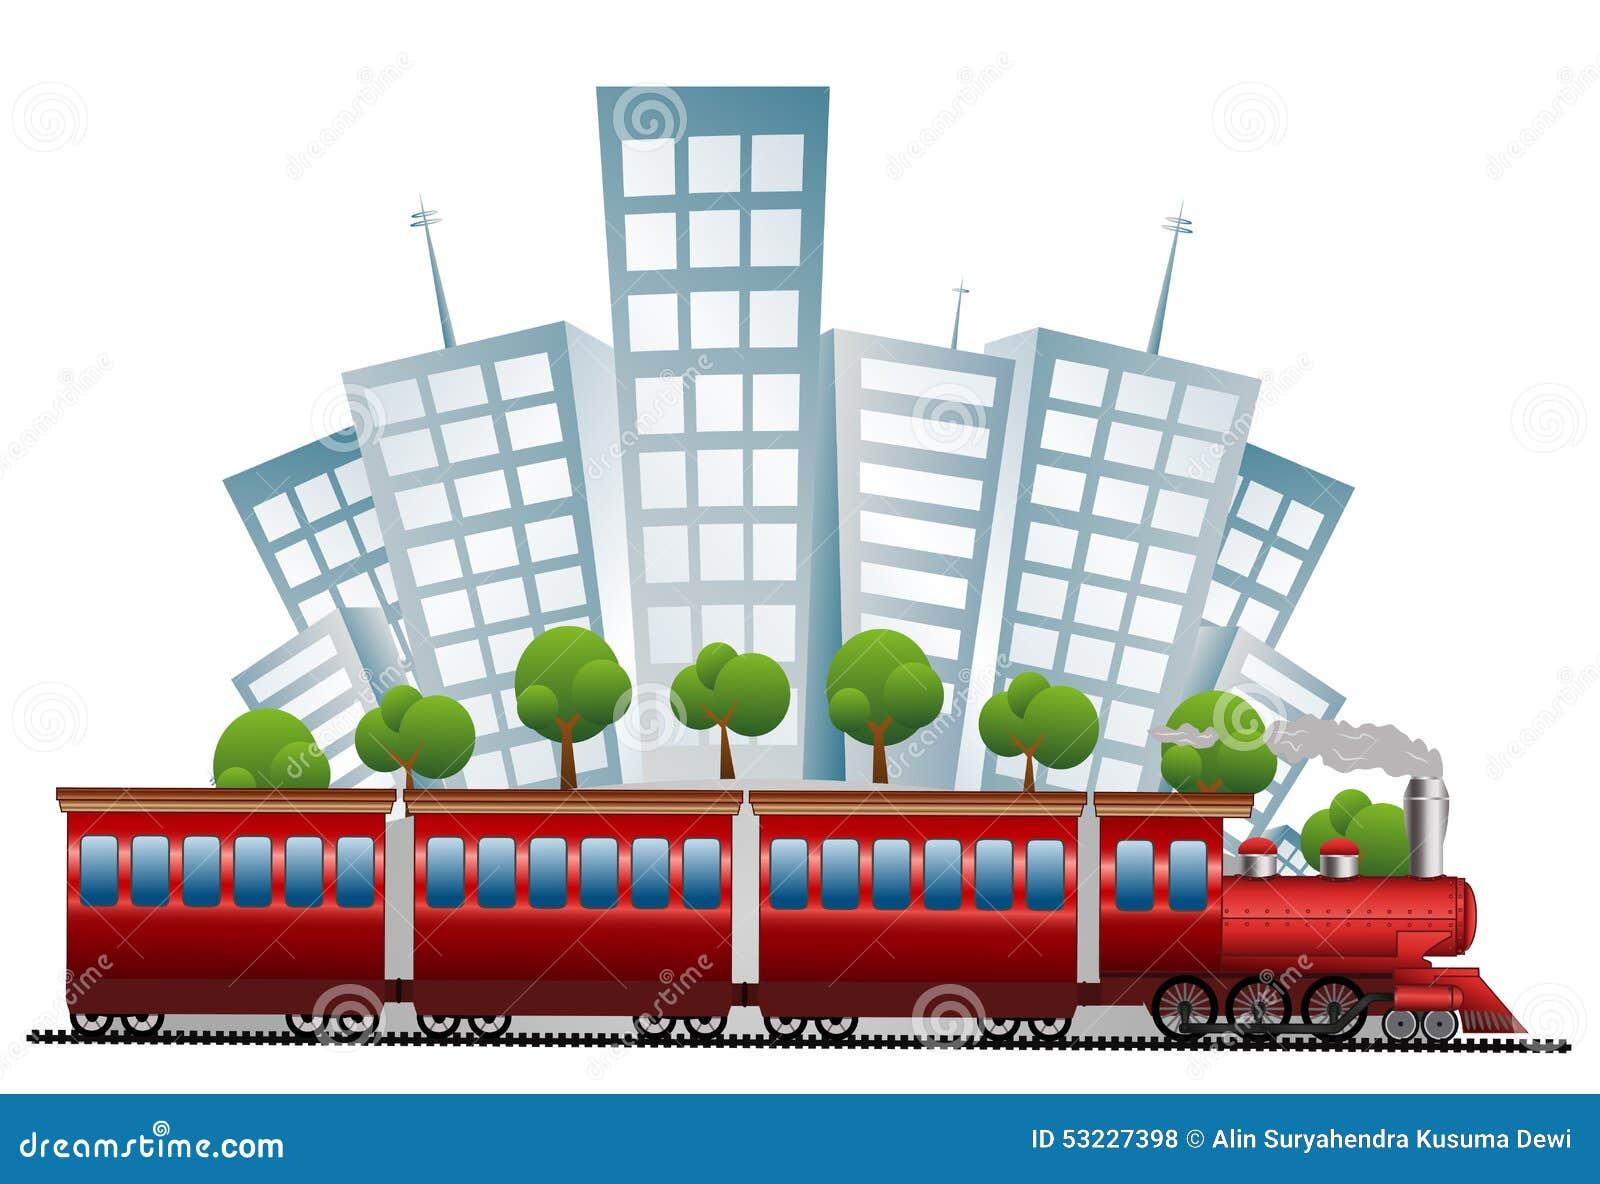 Tren con el backgroung de la ciudad - a todo color